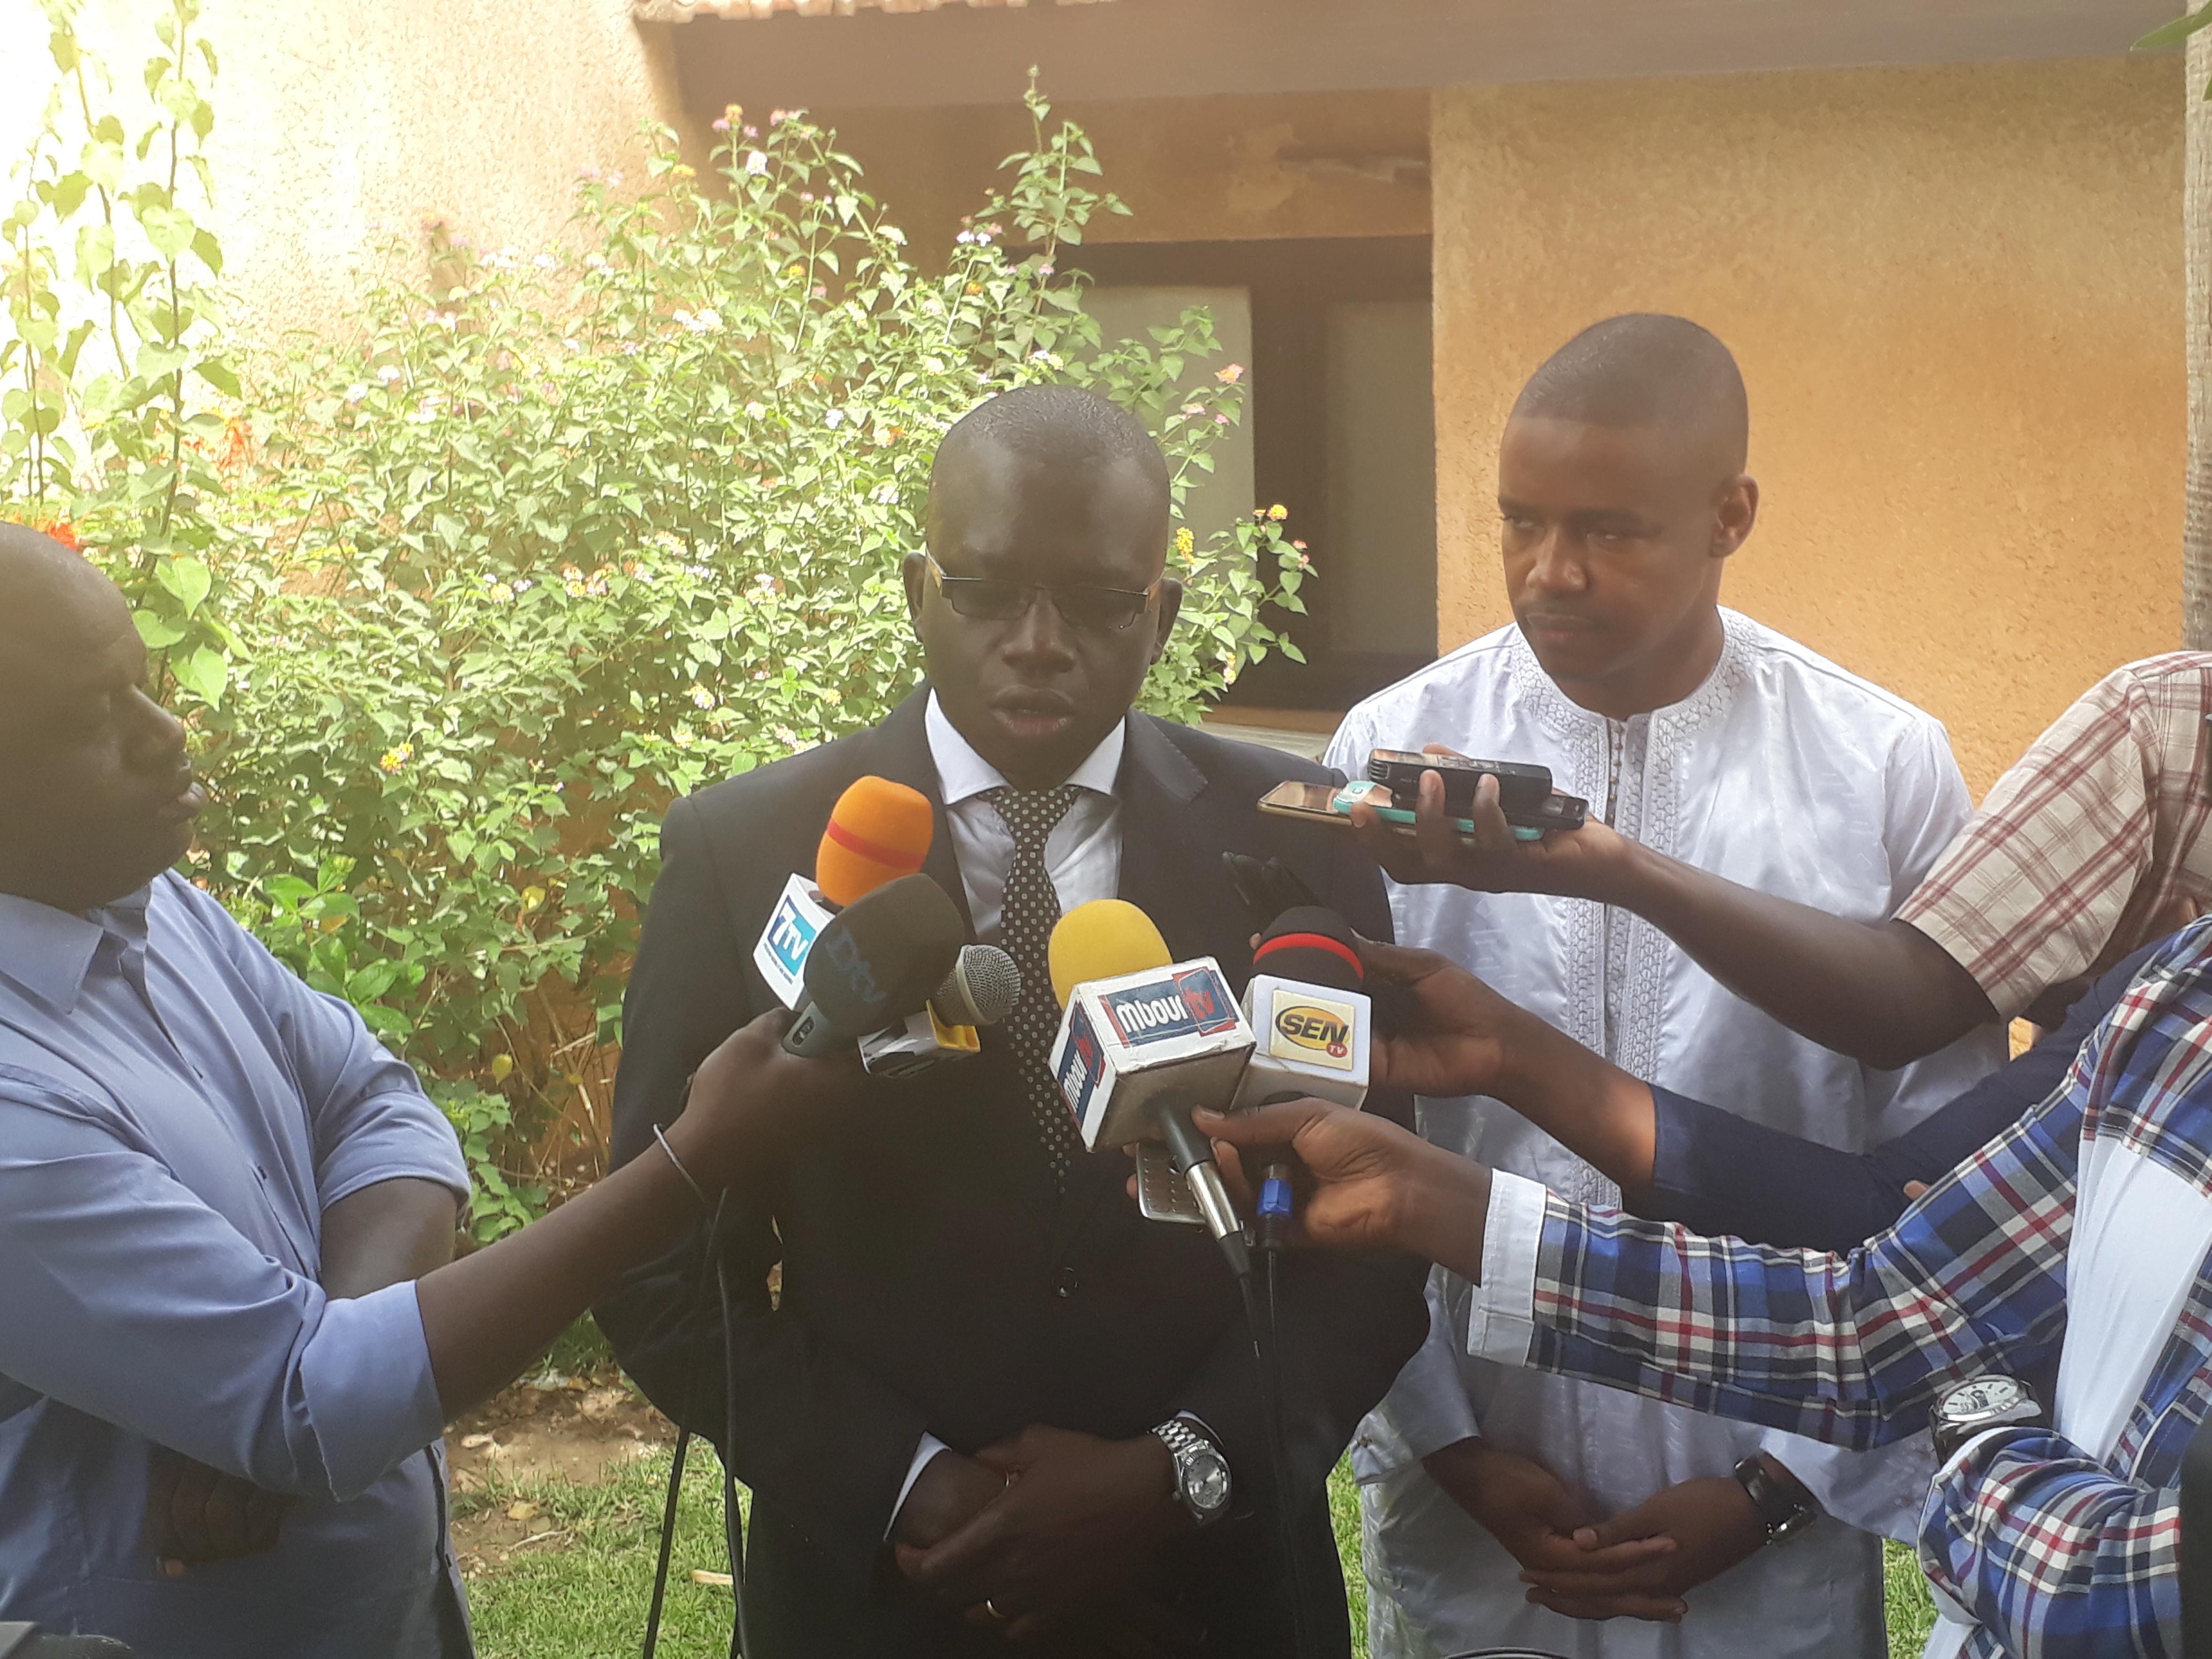 African journalists forum : Ouverture d'un atelier pour le lancement d'une plateforme d'appui au journalisme d'investigation